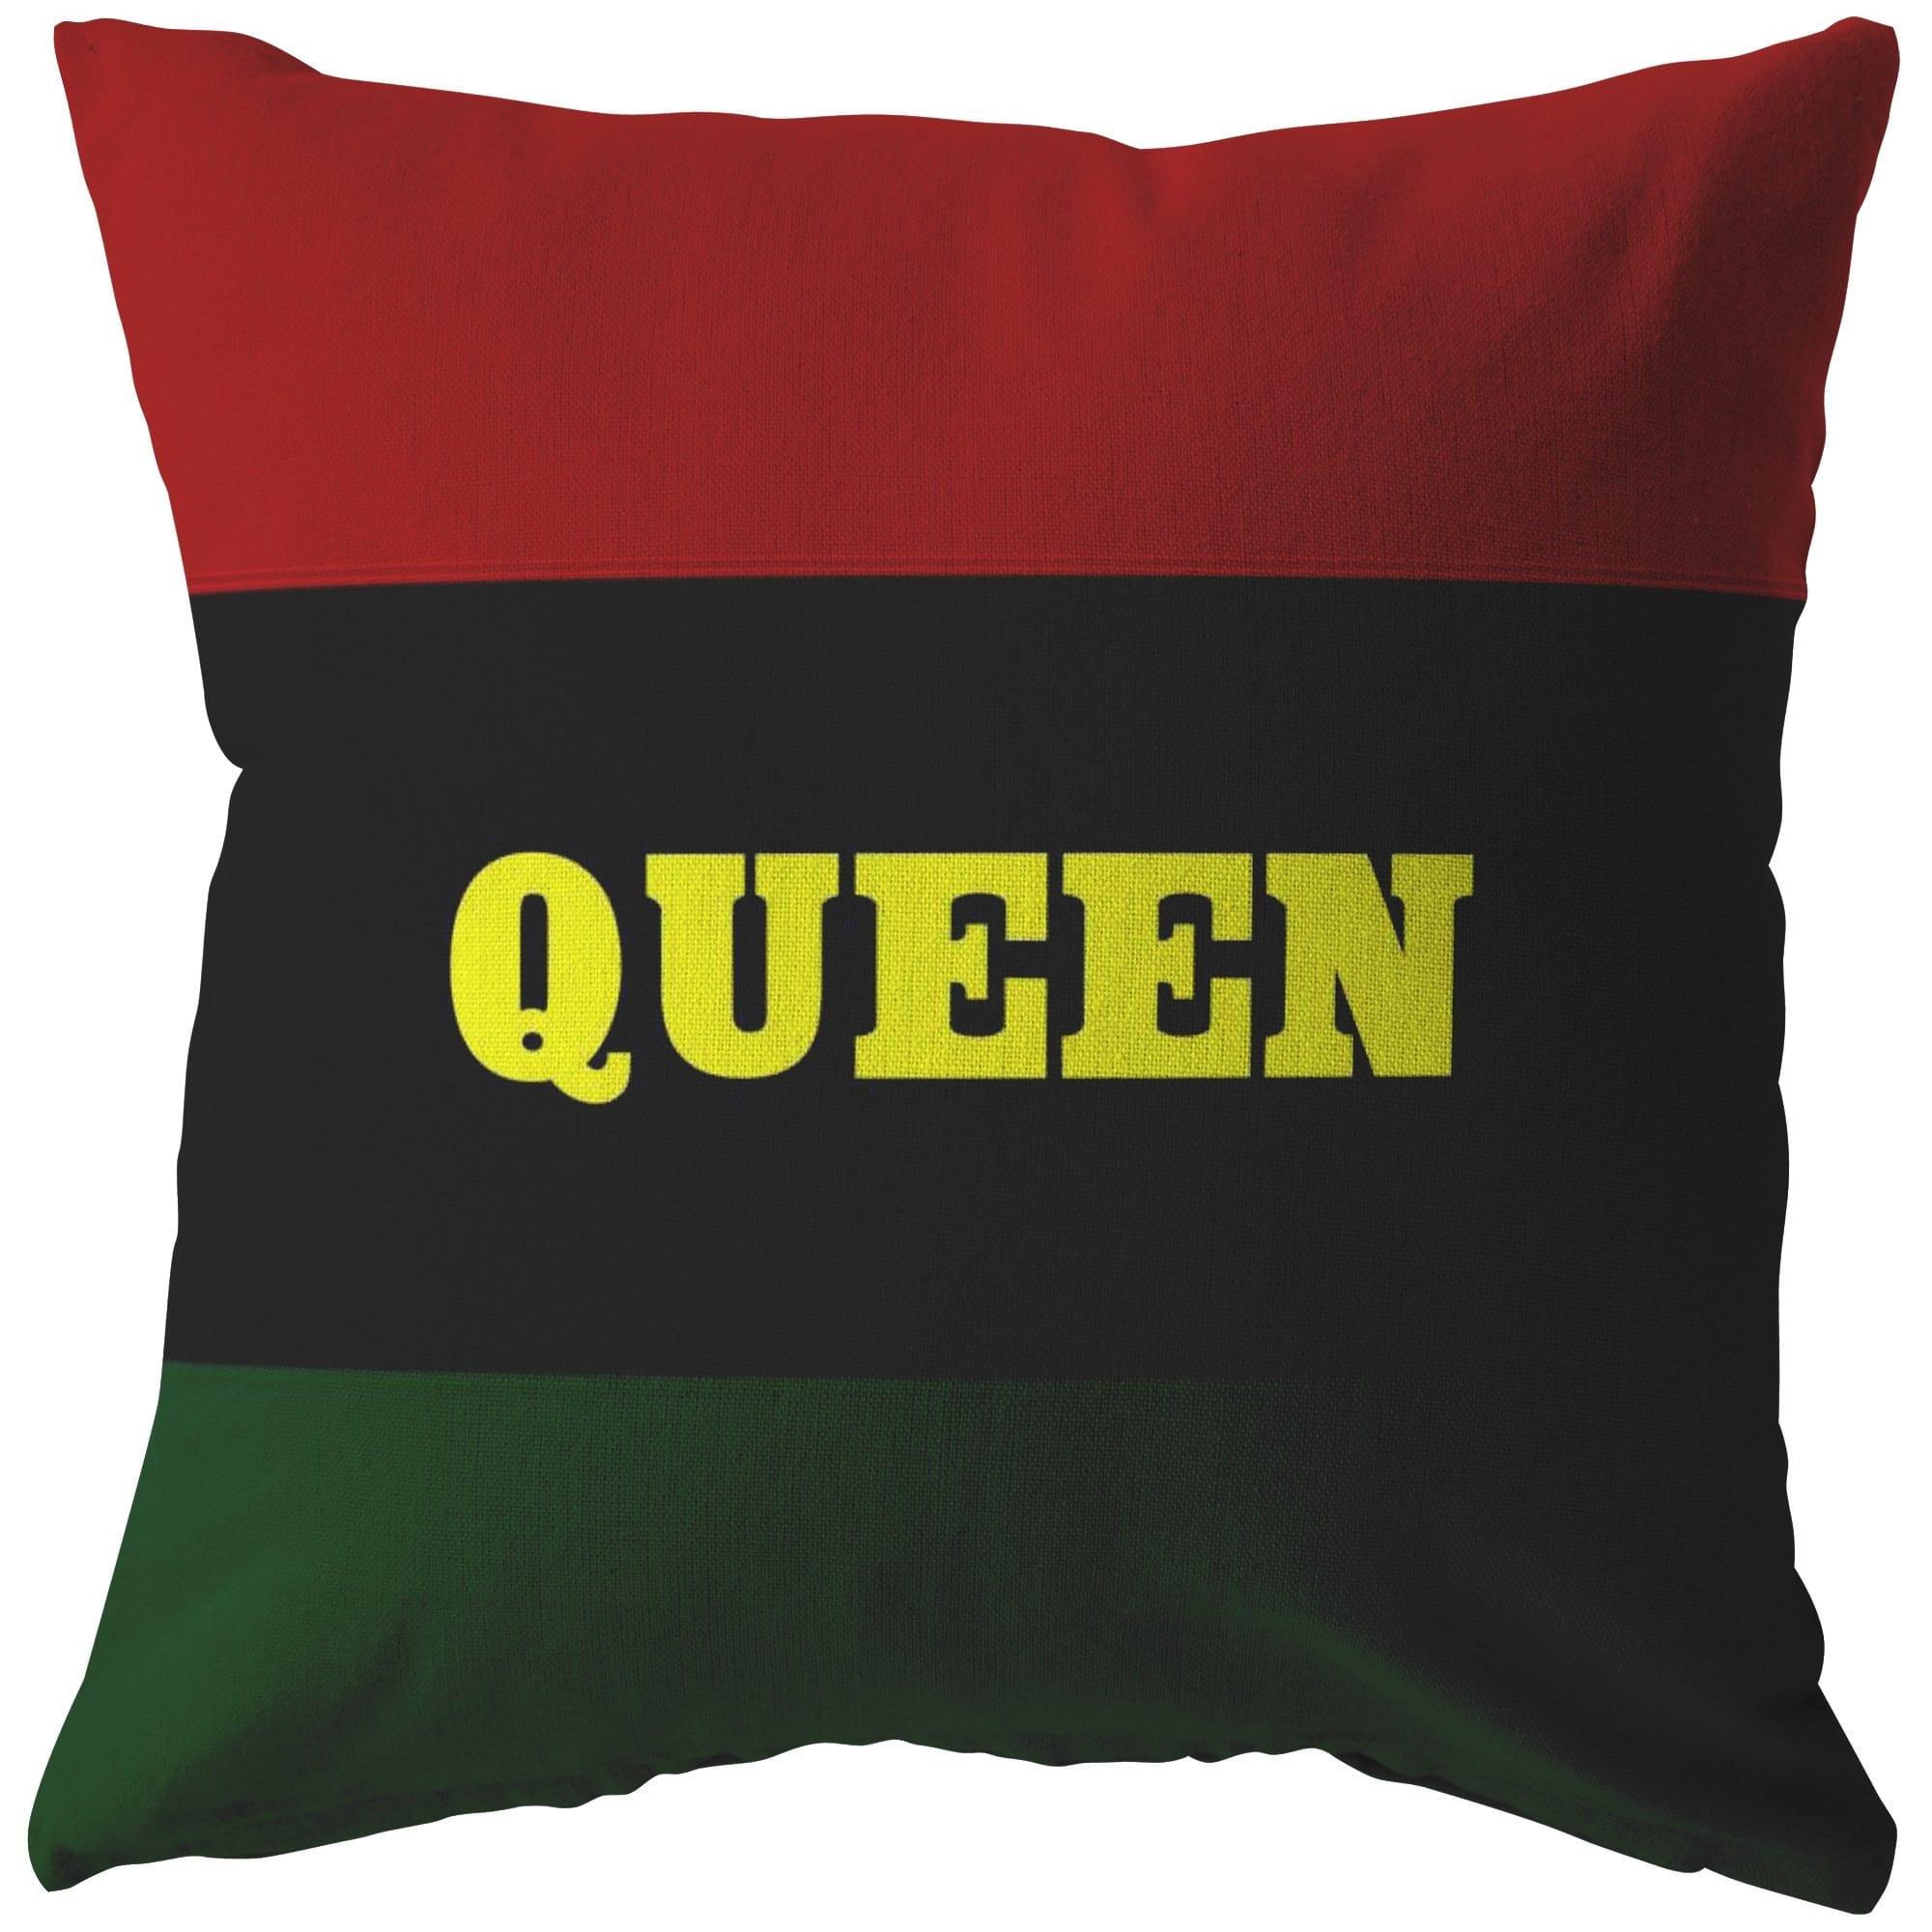 QUEEN Pillow - Melanin Apparel